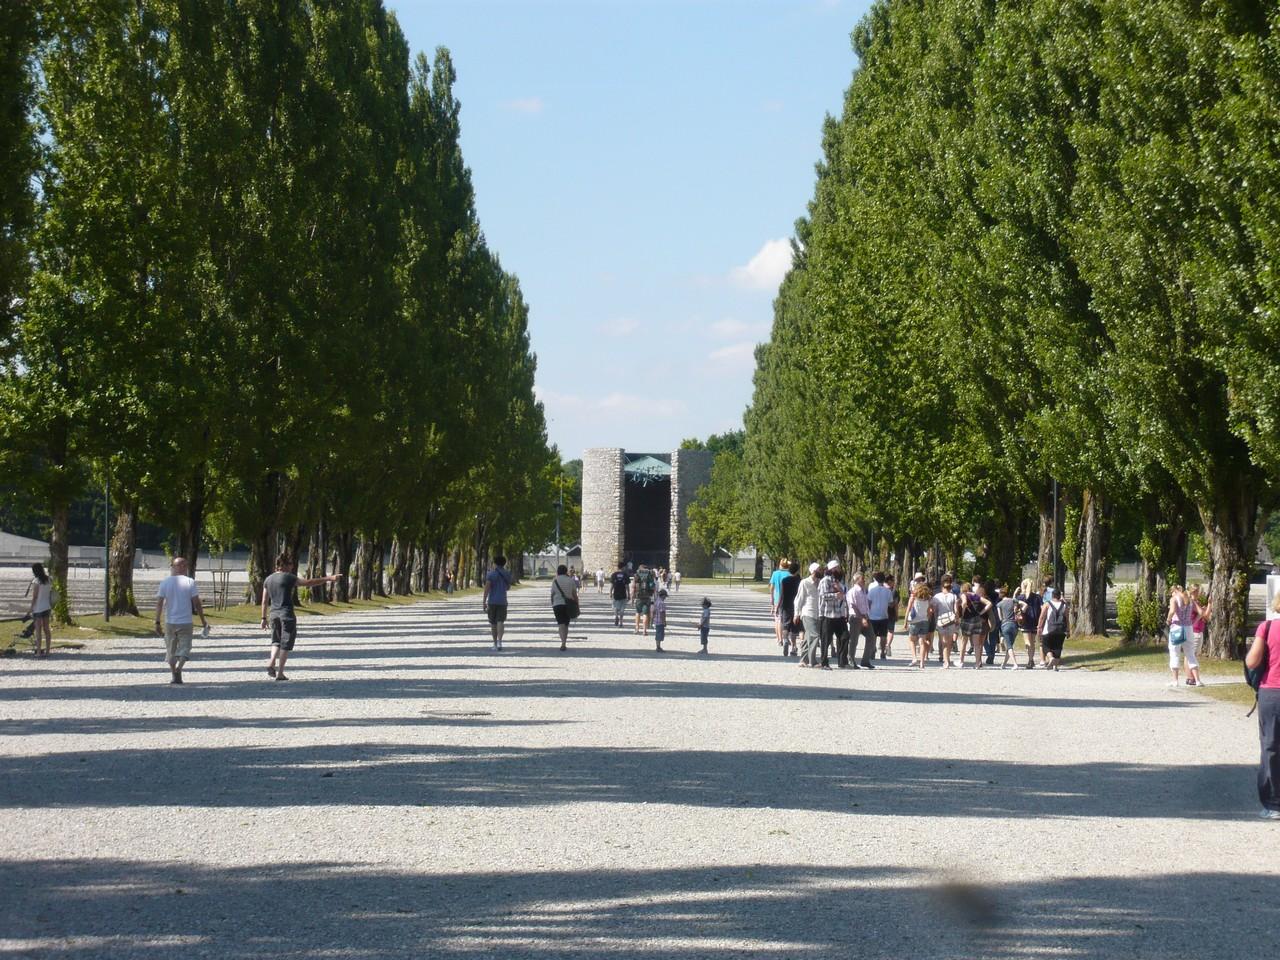 Zahranicni_exkurze_Dachau_Orli_Hnizdo05